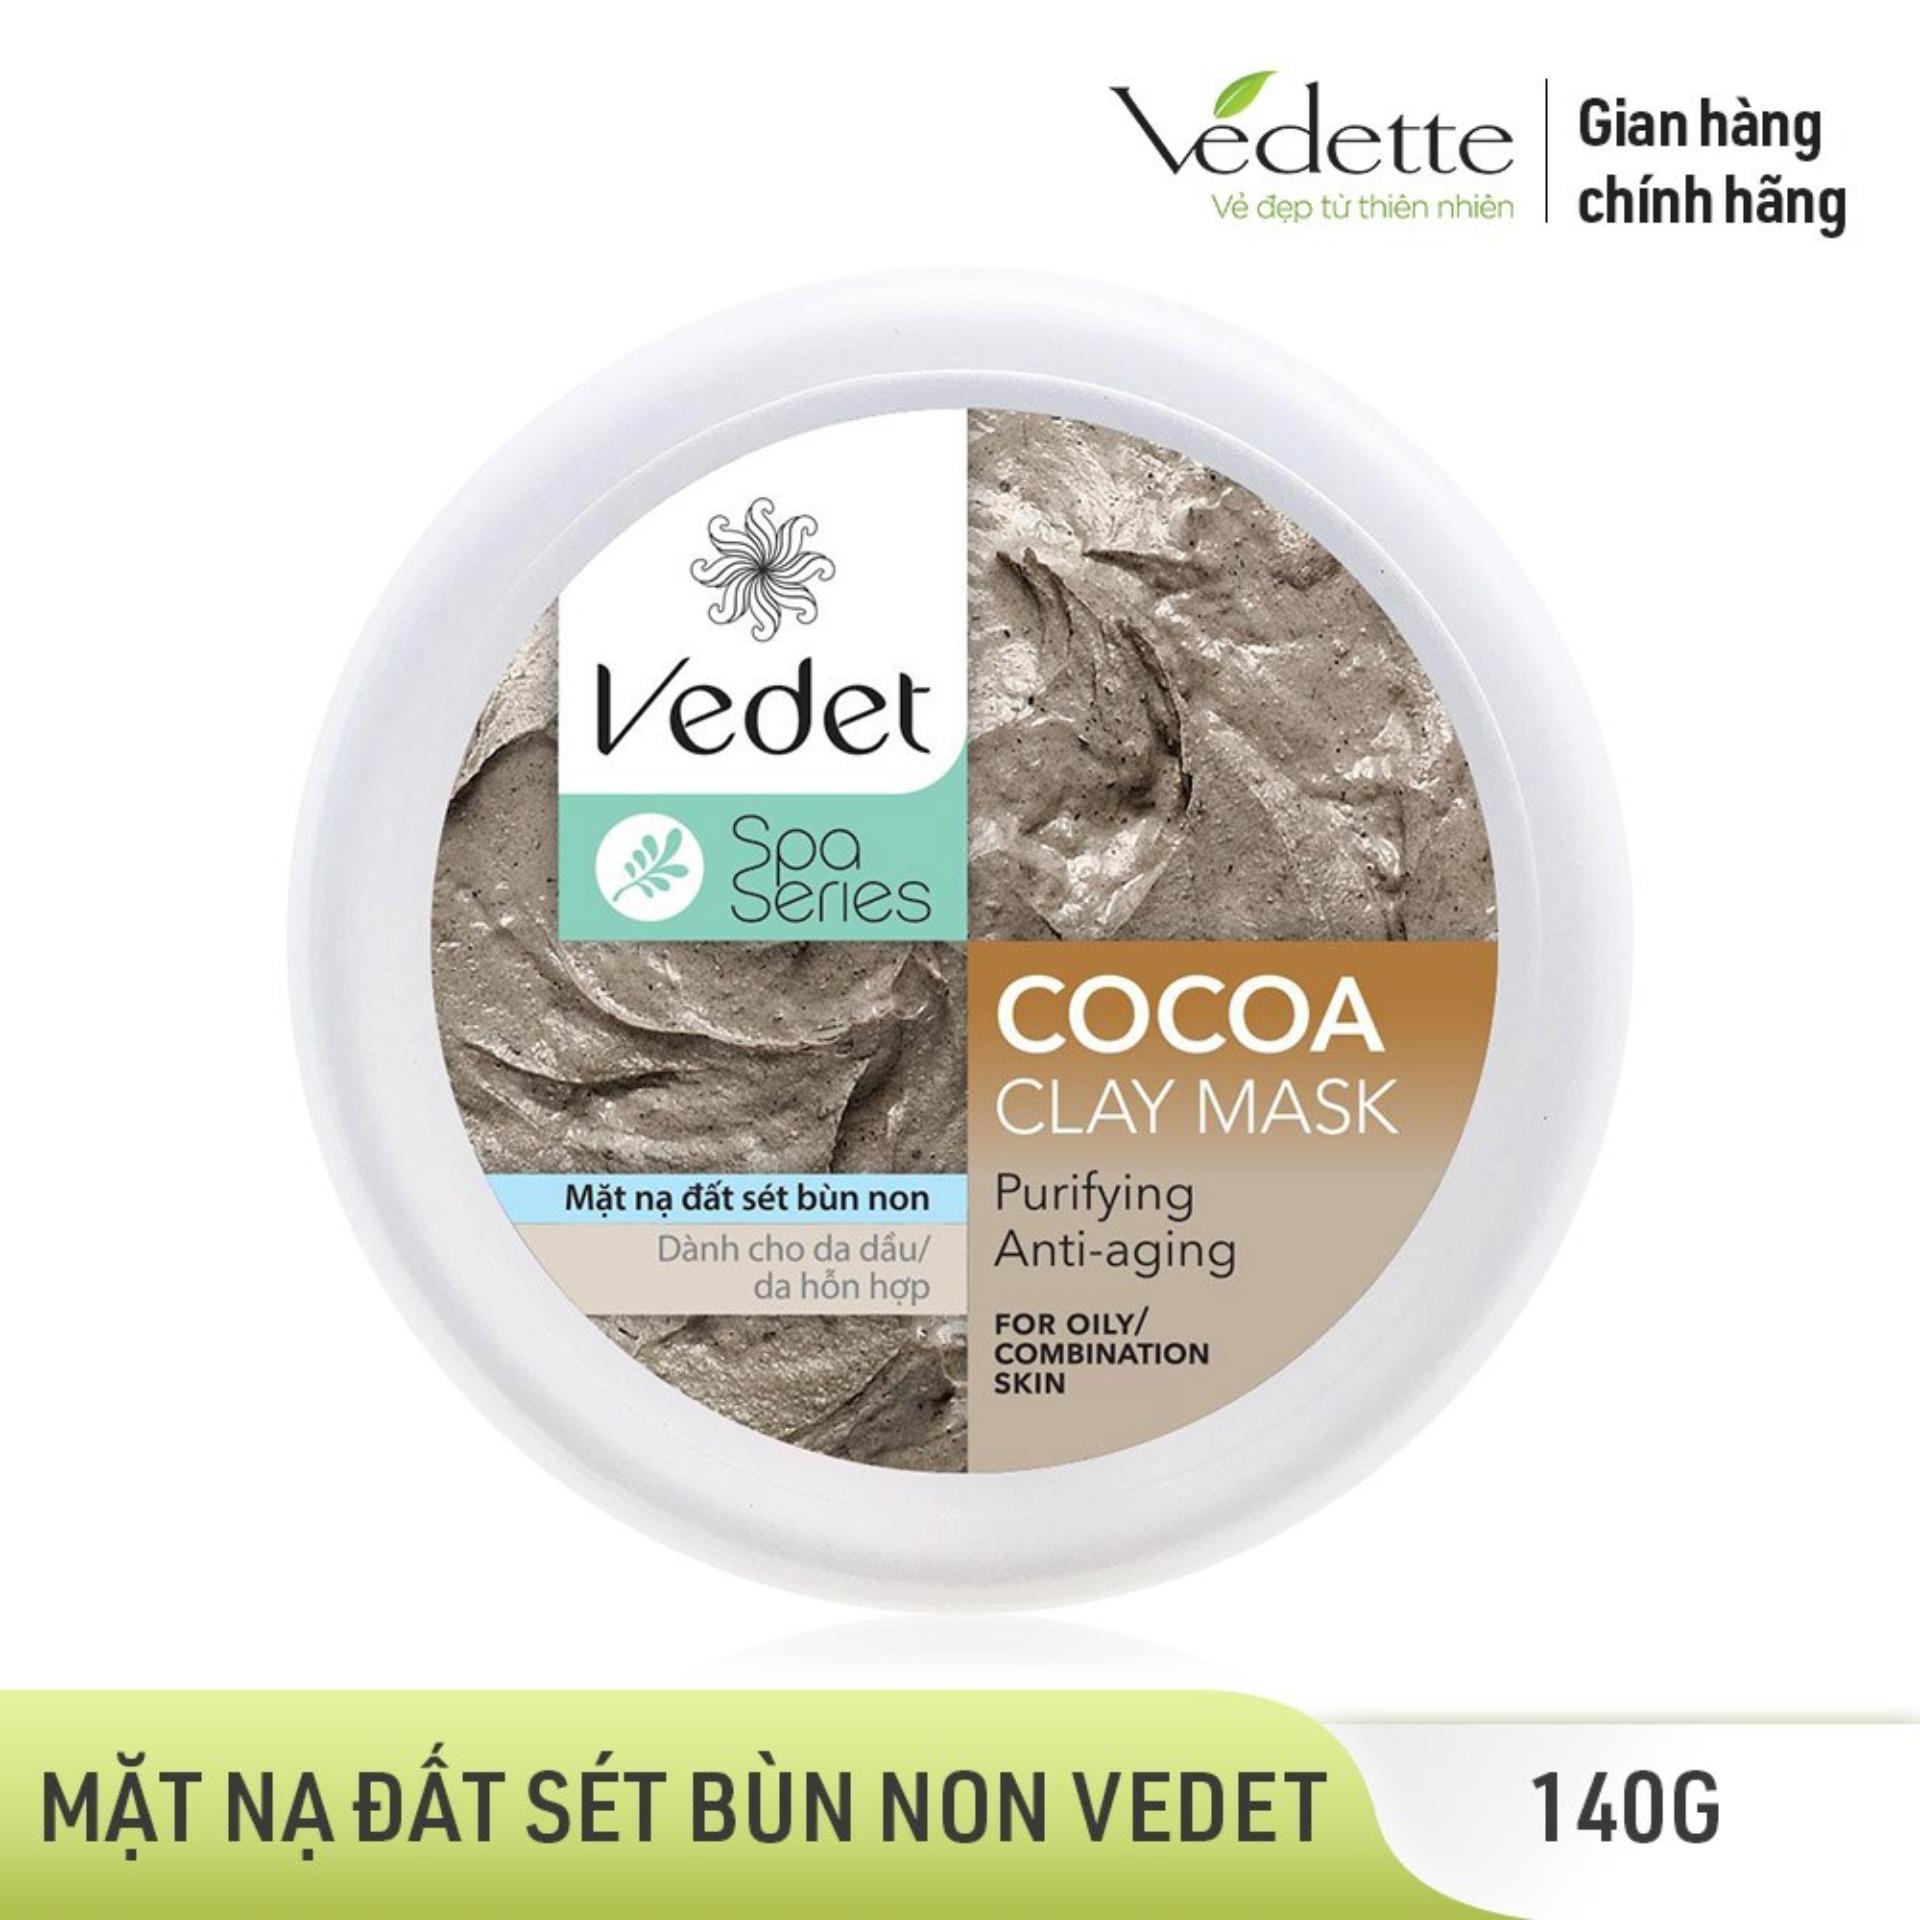 Mặt nạ đất sét bùn non Vedet Spa Series Clay Mask Cocoa hũ 140g nhập khẩu